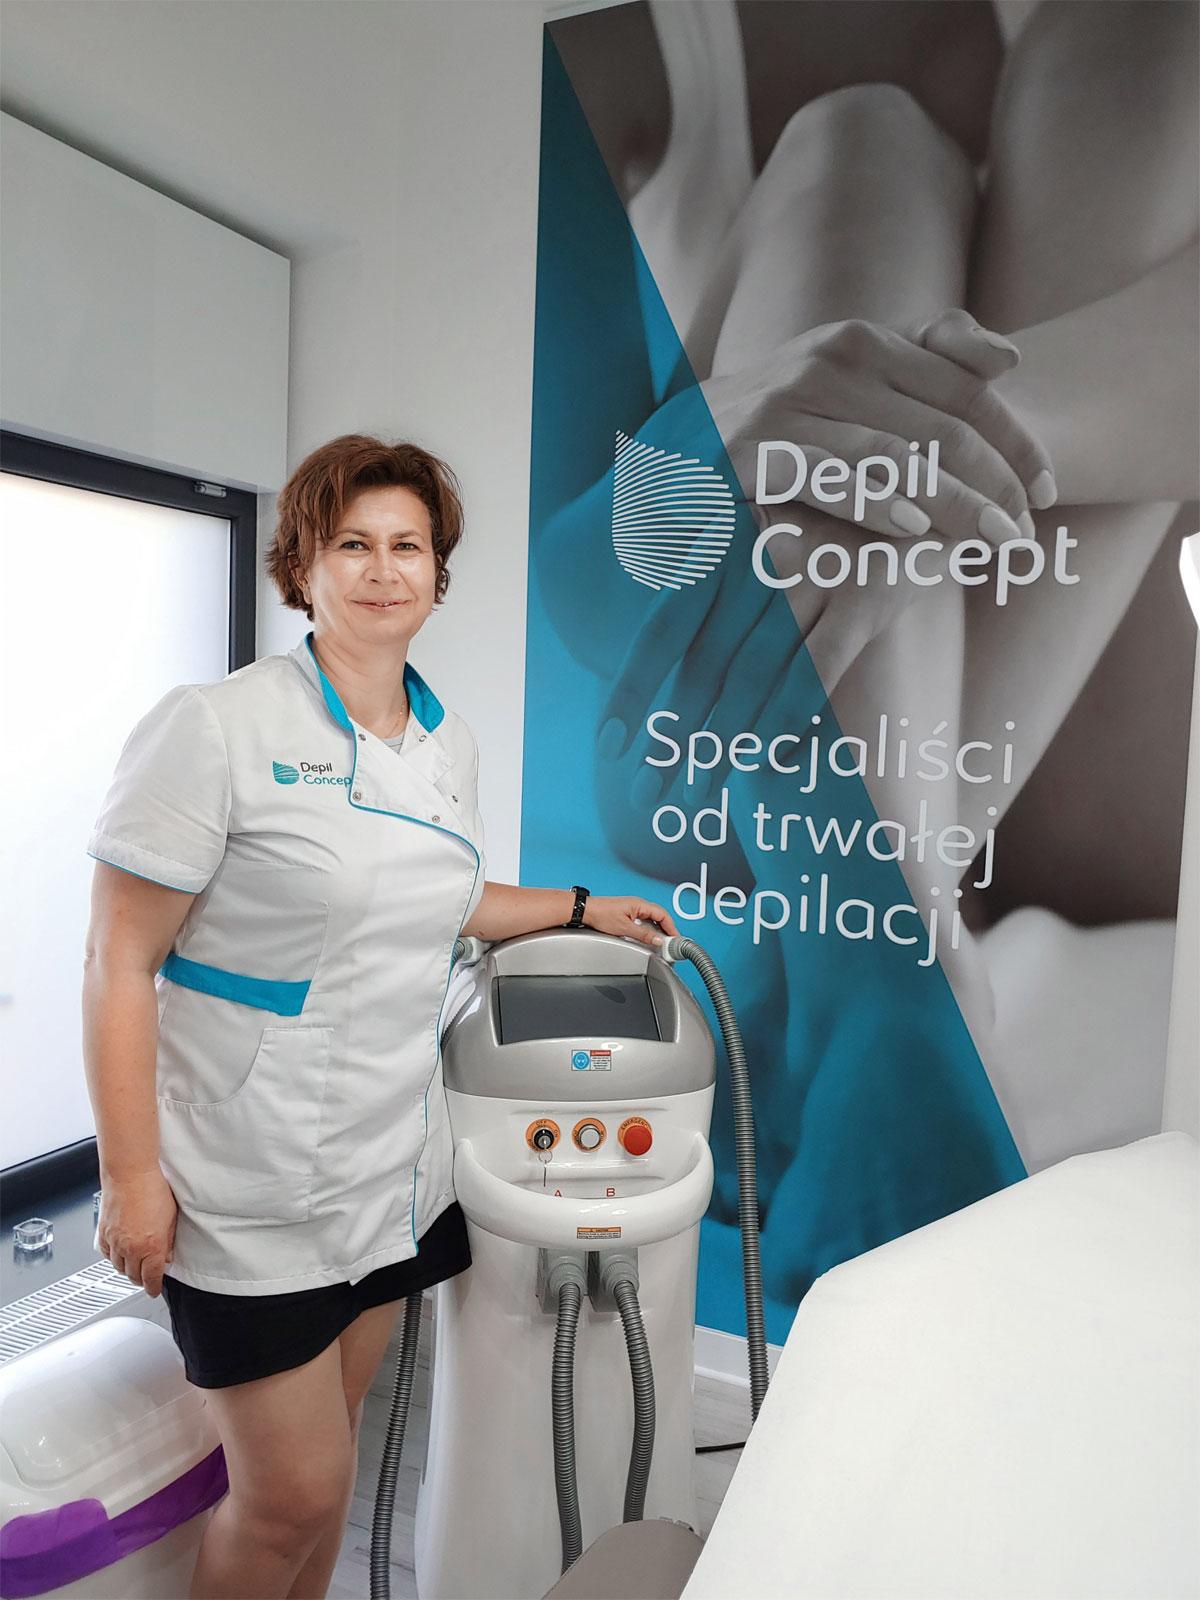 Agnieszka Koziarska-Wilkowiecka, franczyzobiorczyni Depil Concept